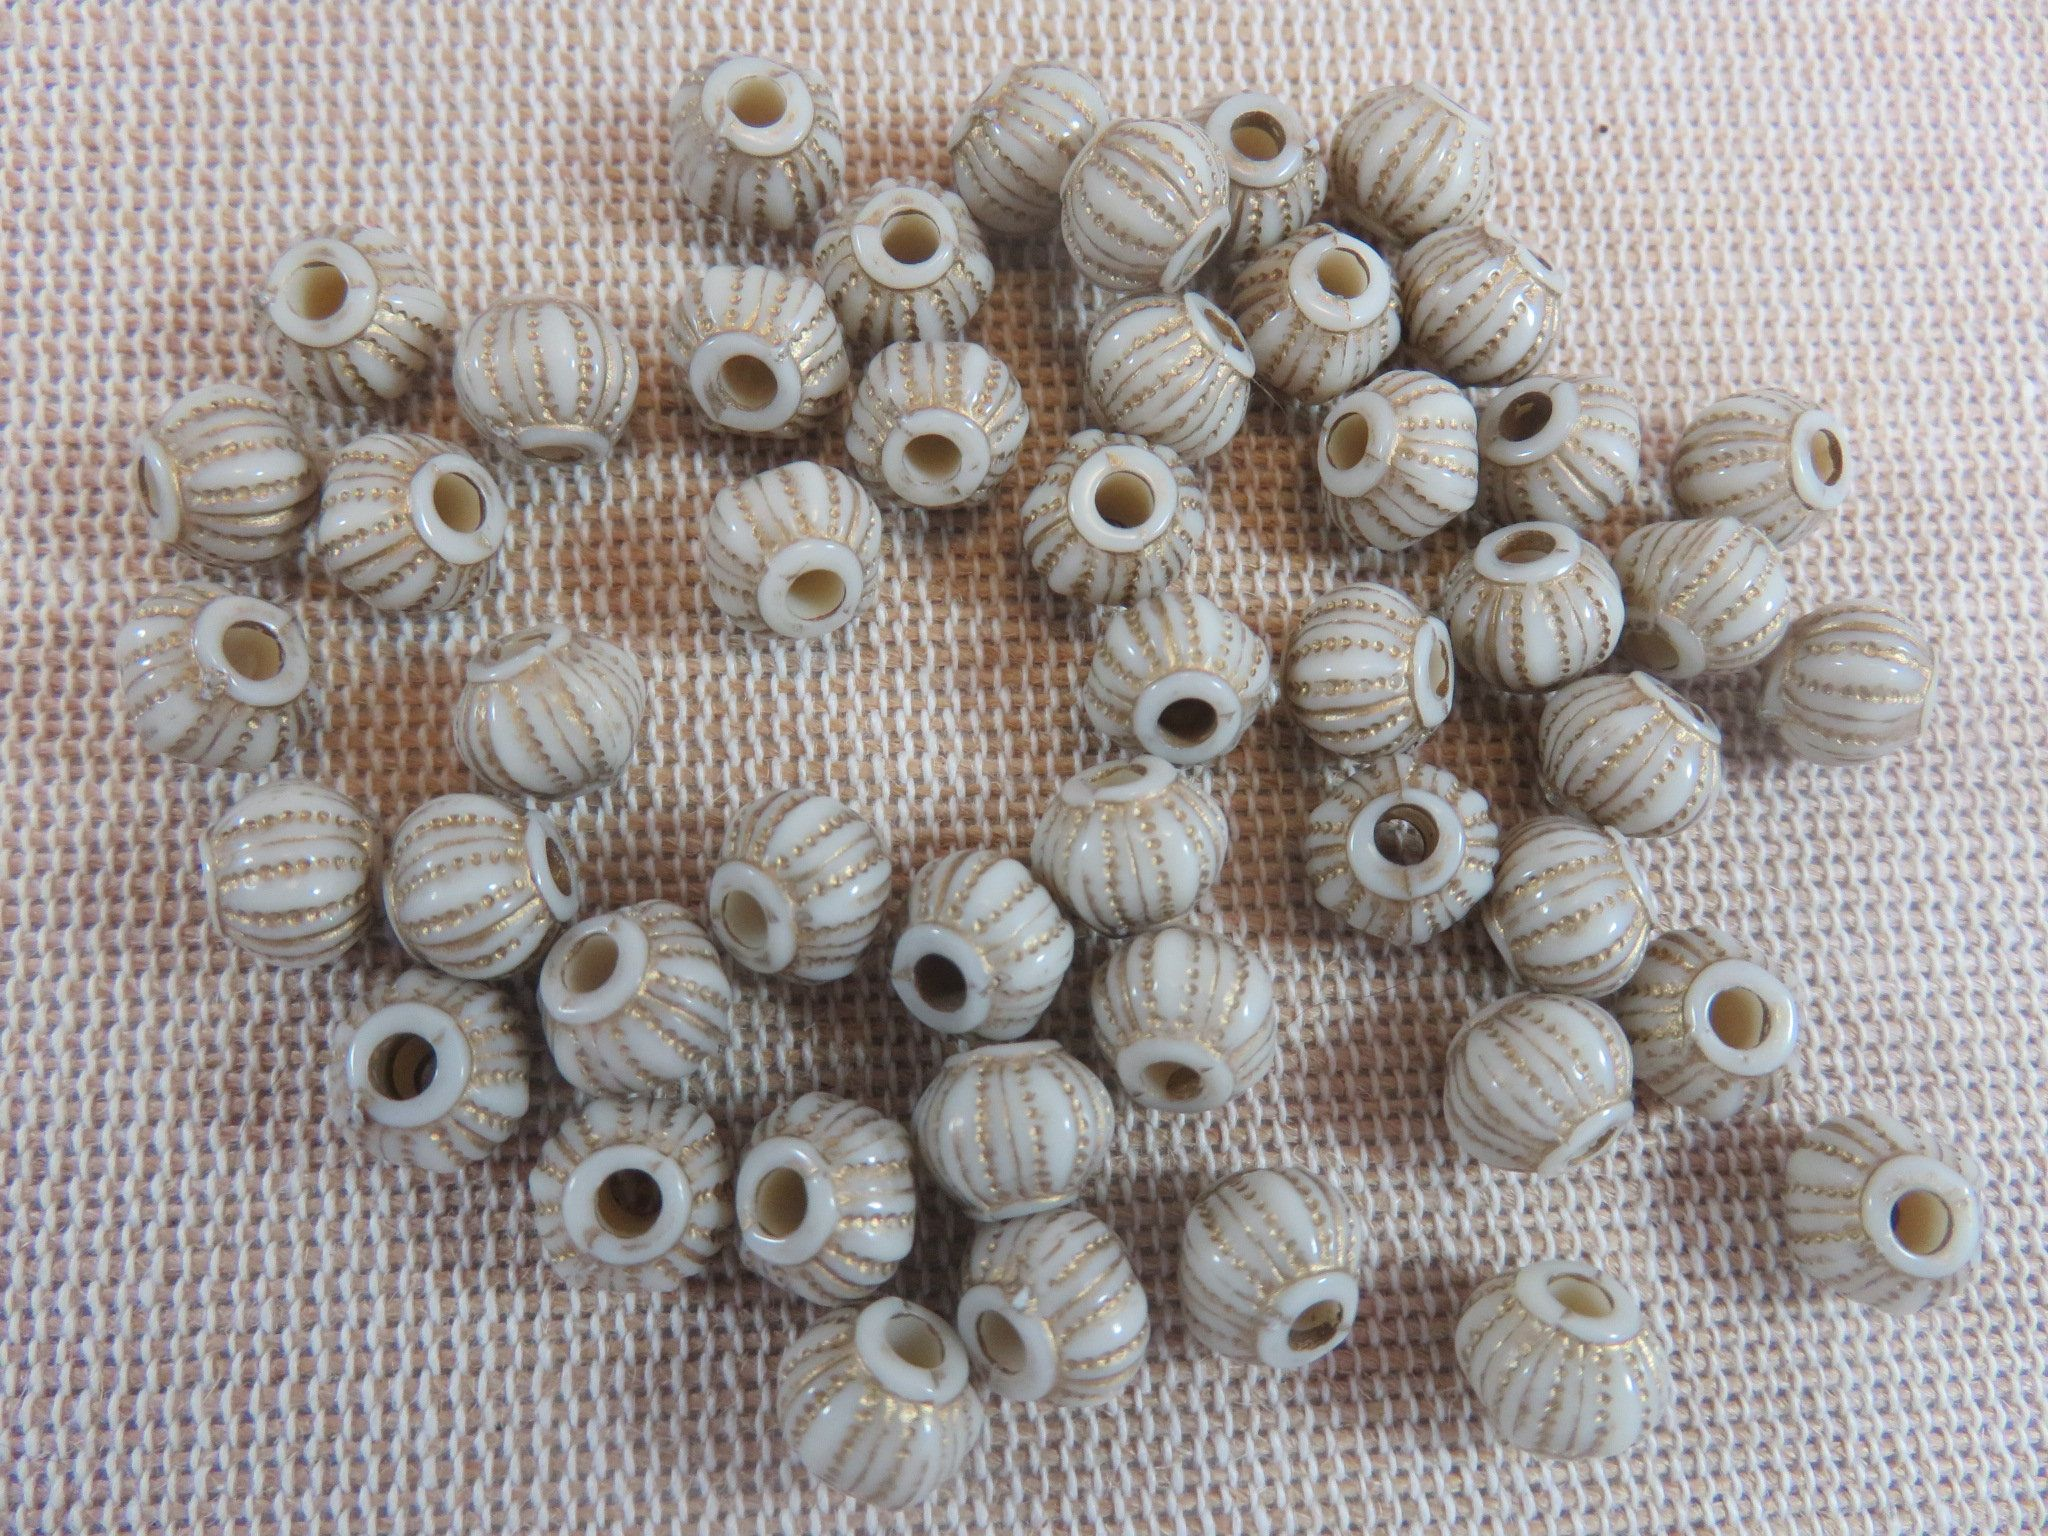 100 Intercalaires spacer Fleur arg 7x7x2,5mm Perles apprêts création bijoux A290